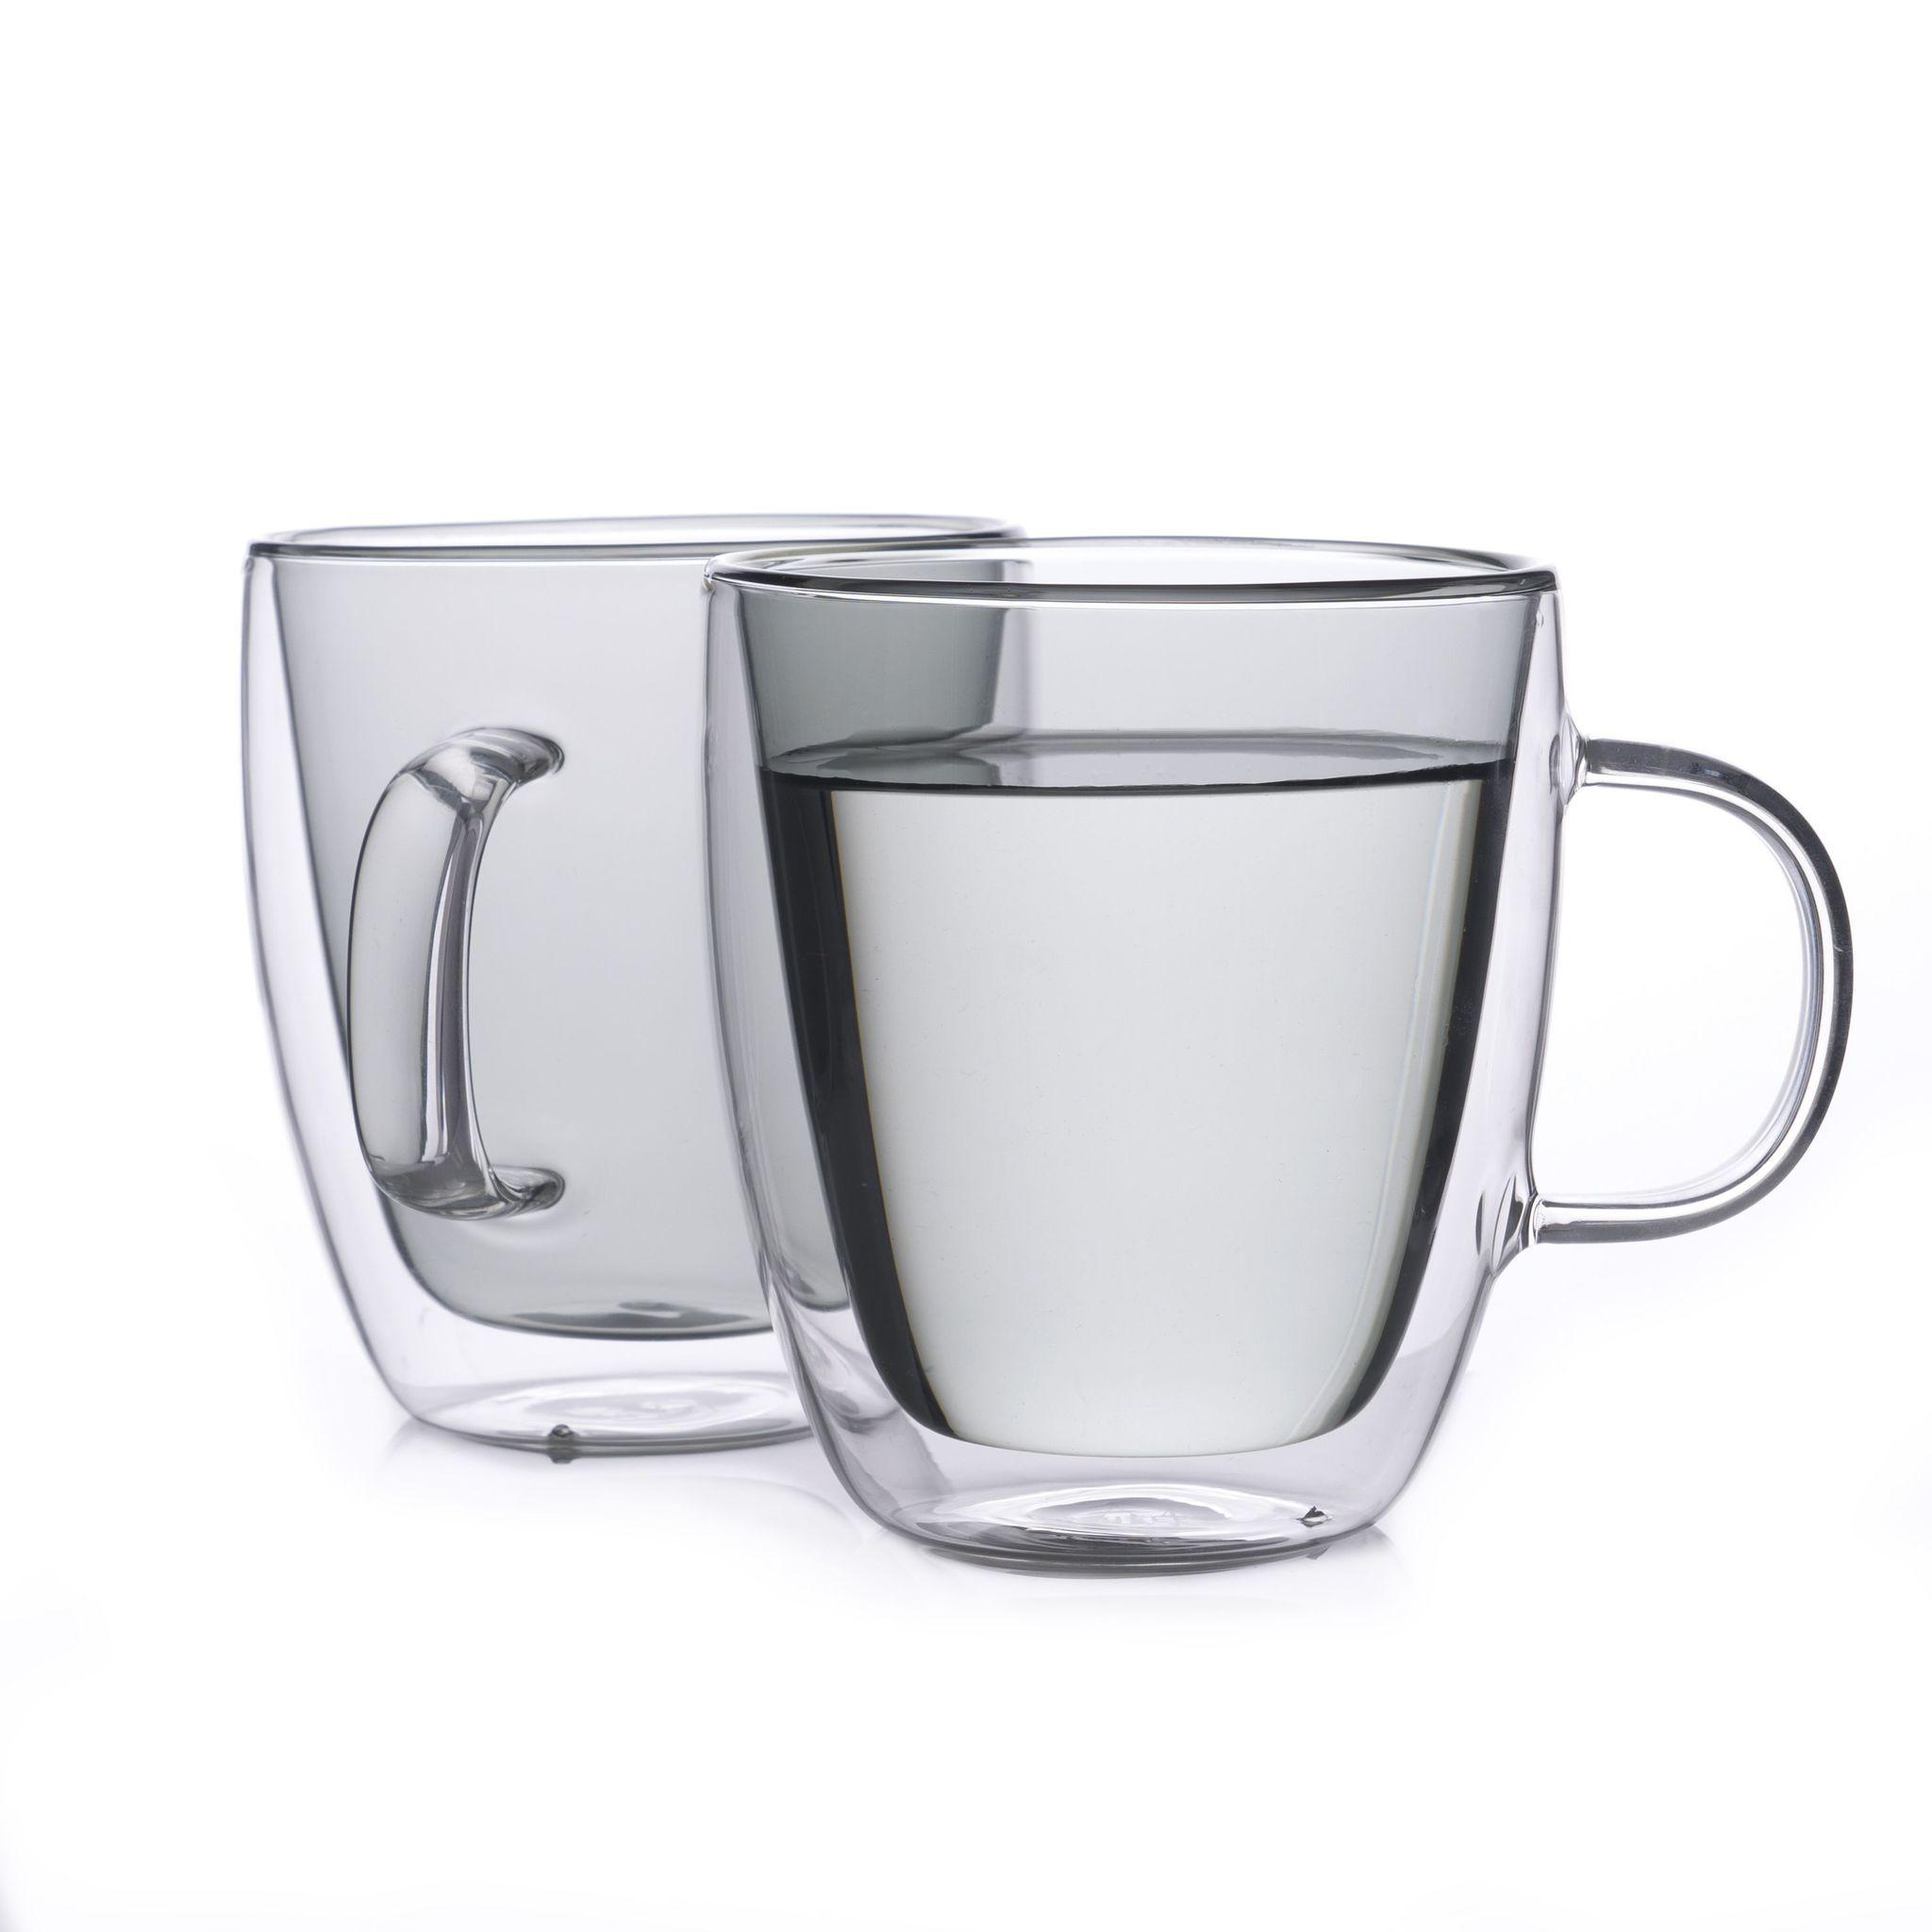 Все товары Стеклянные кружки с двойными стенками серого цвета Sidney 2 штуки, 380 мл серый.jpg